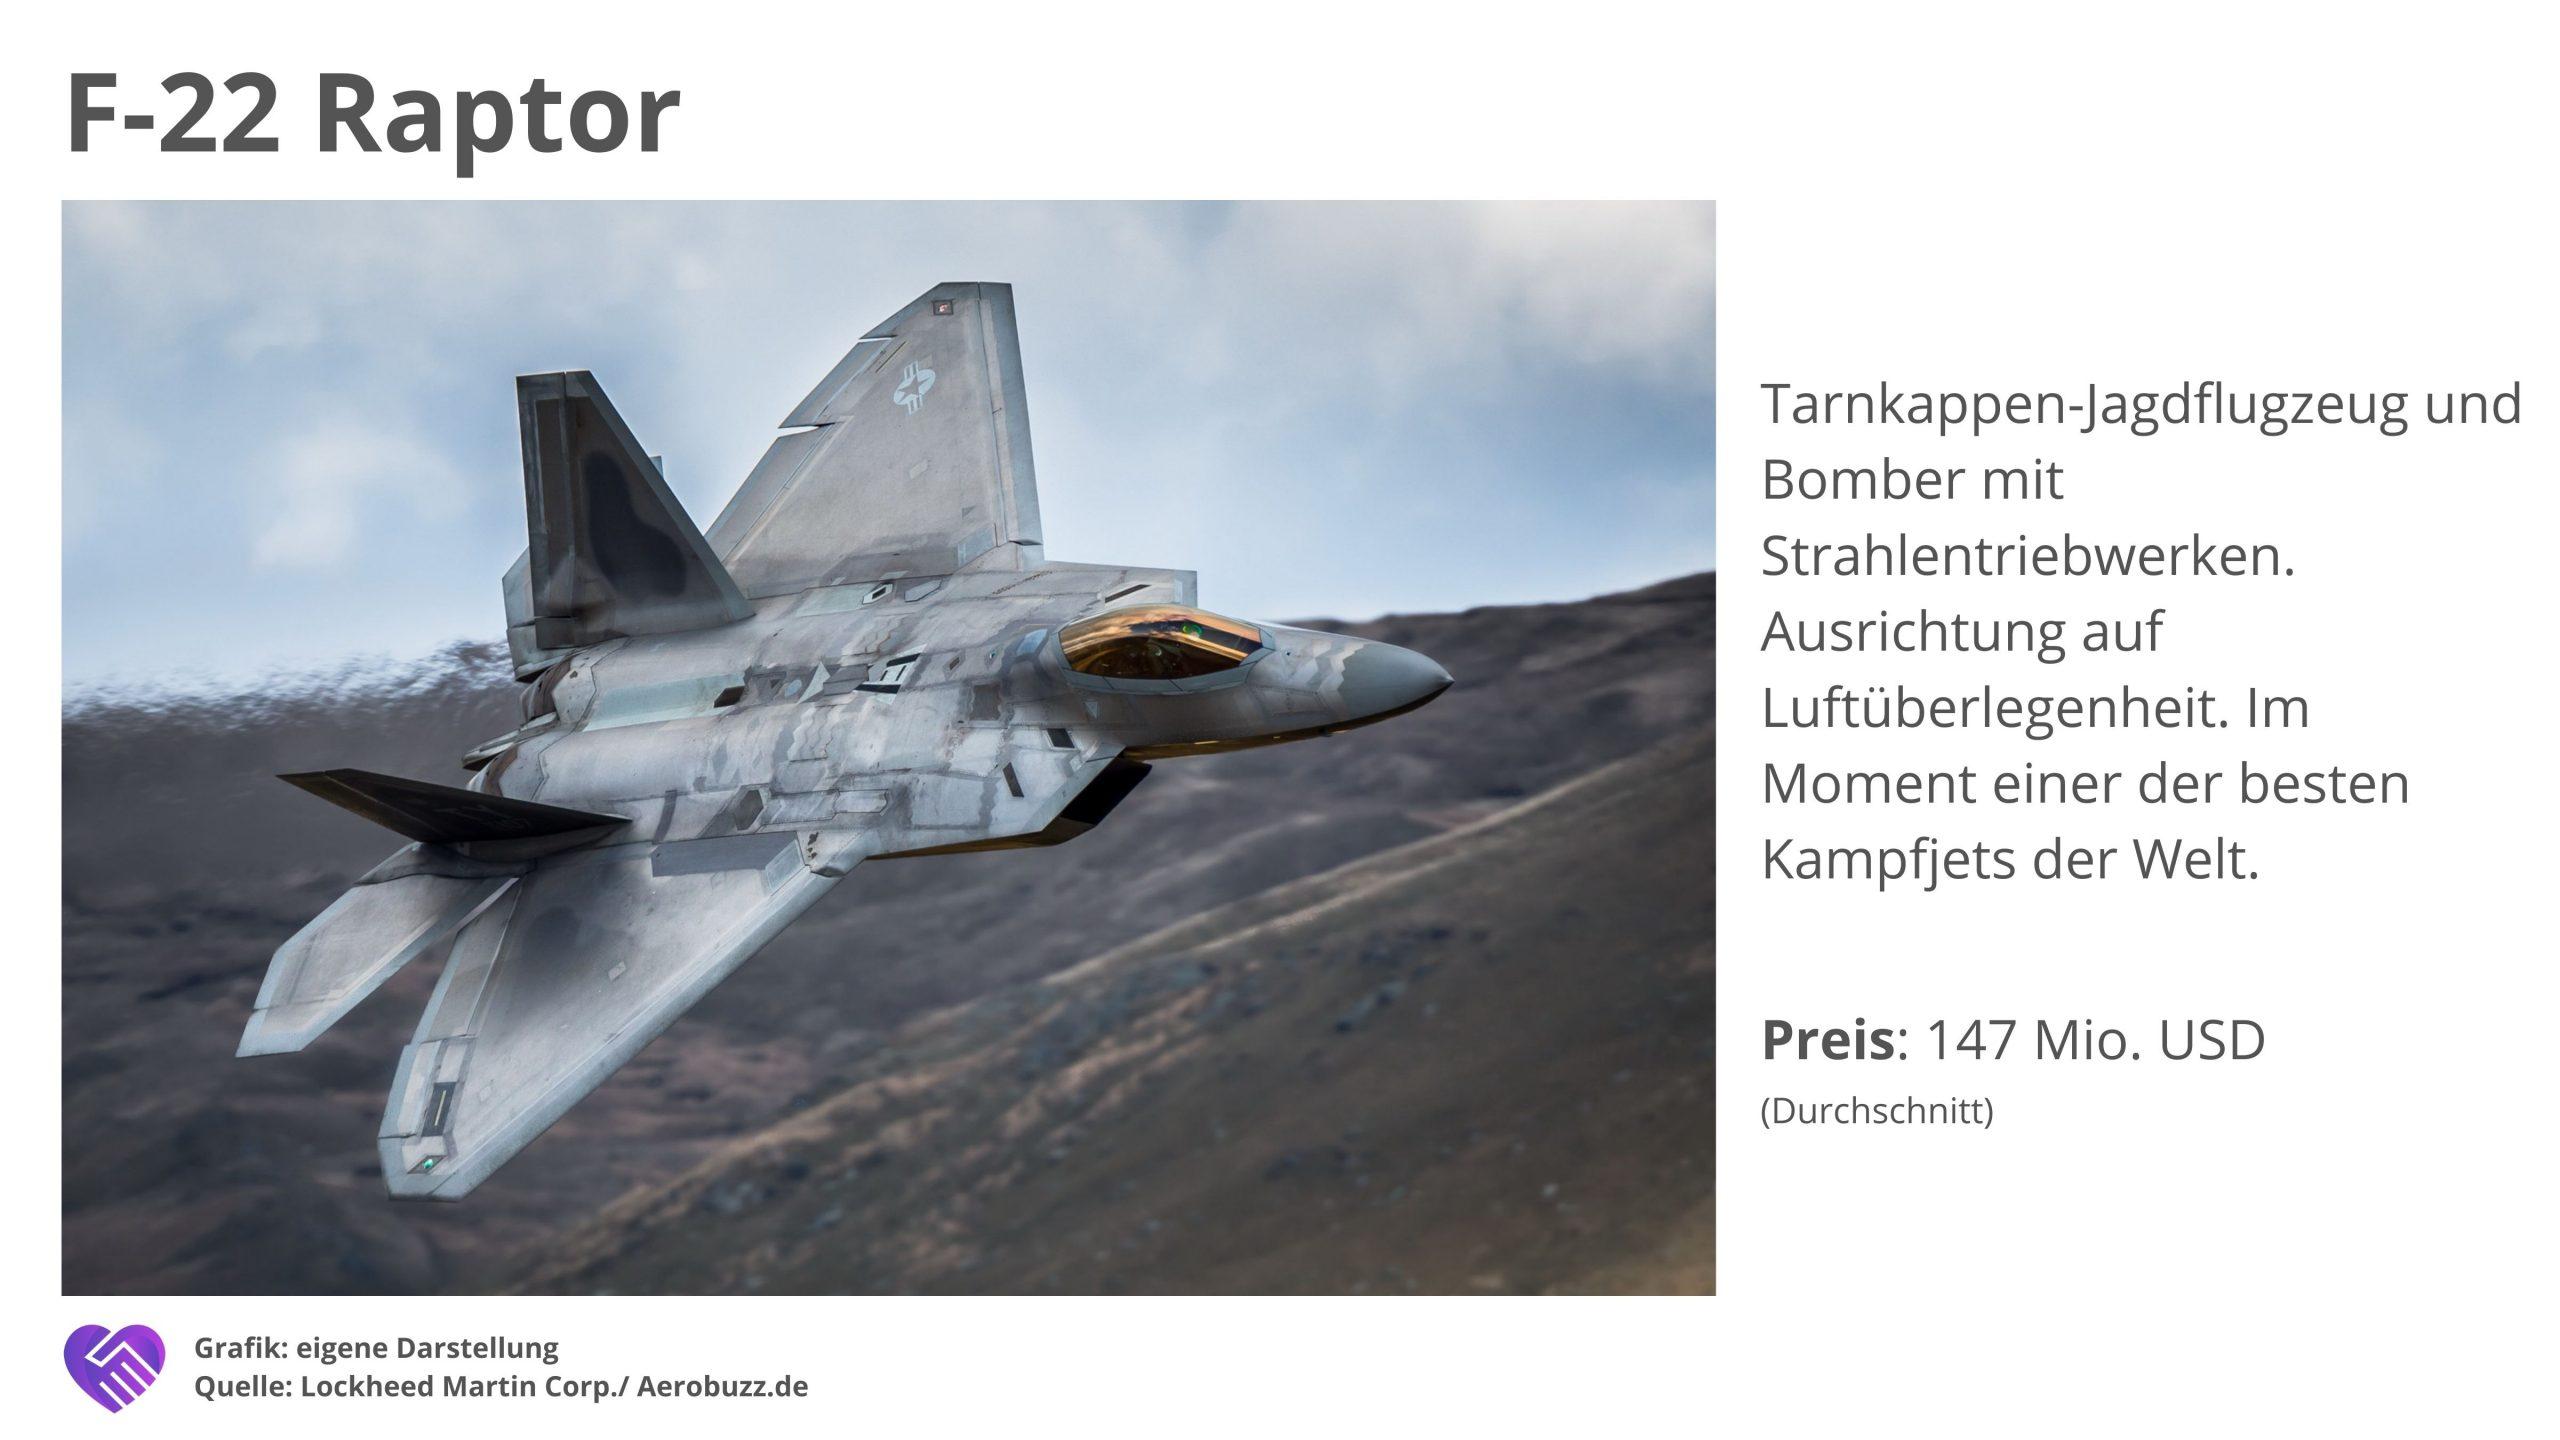 Lockheed Martin Aktie Analyse Geschäftsmodell F 22